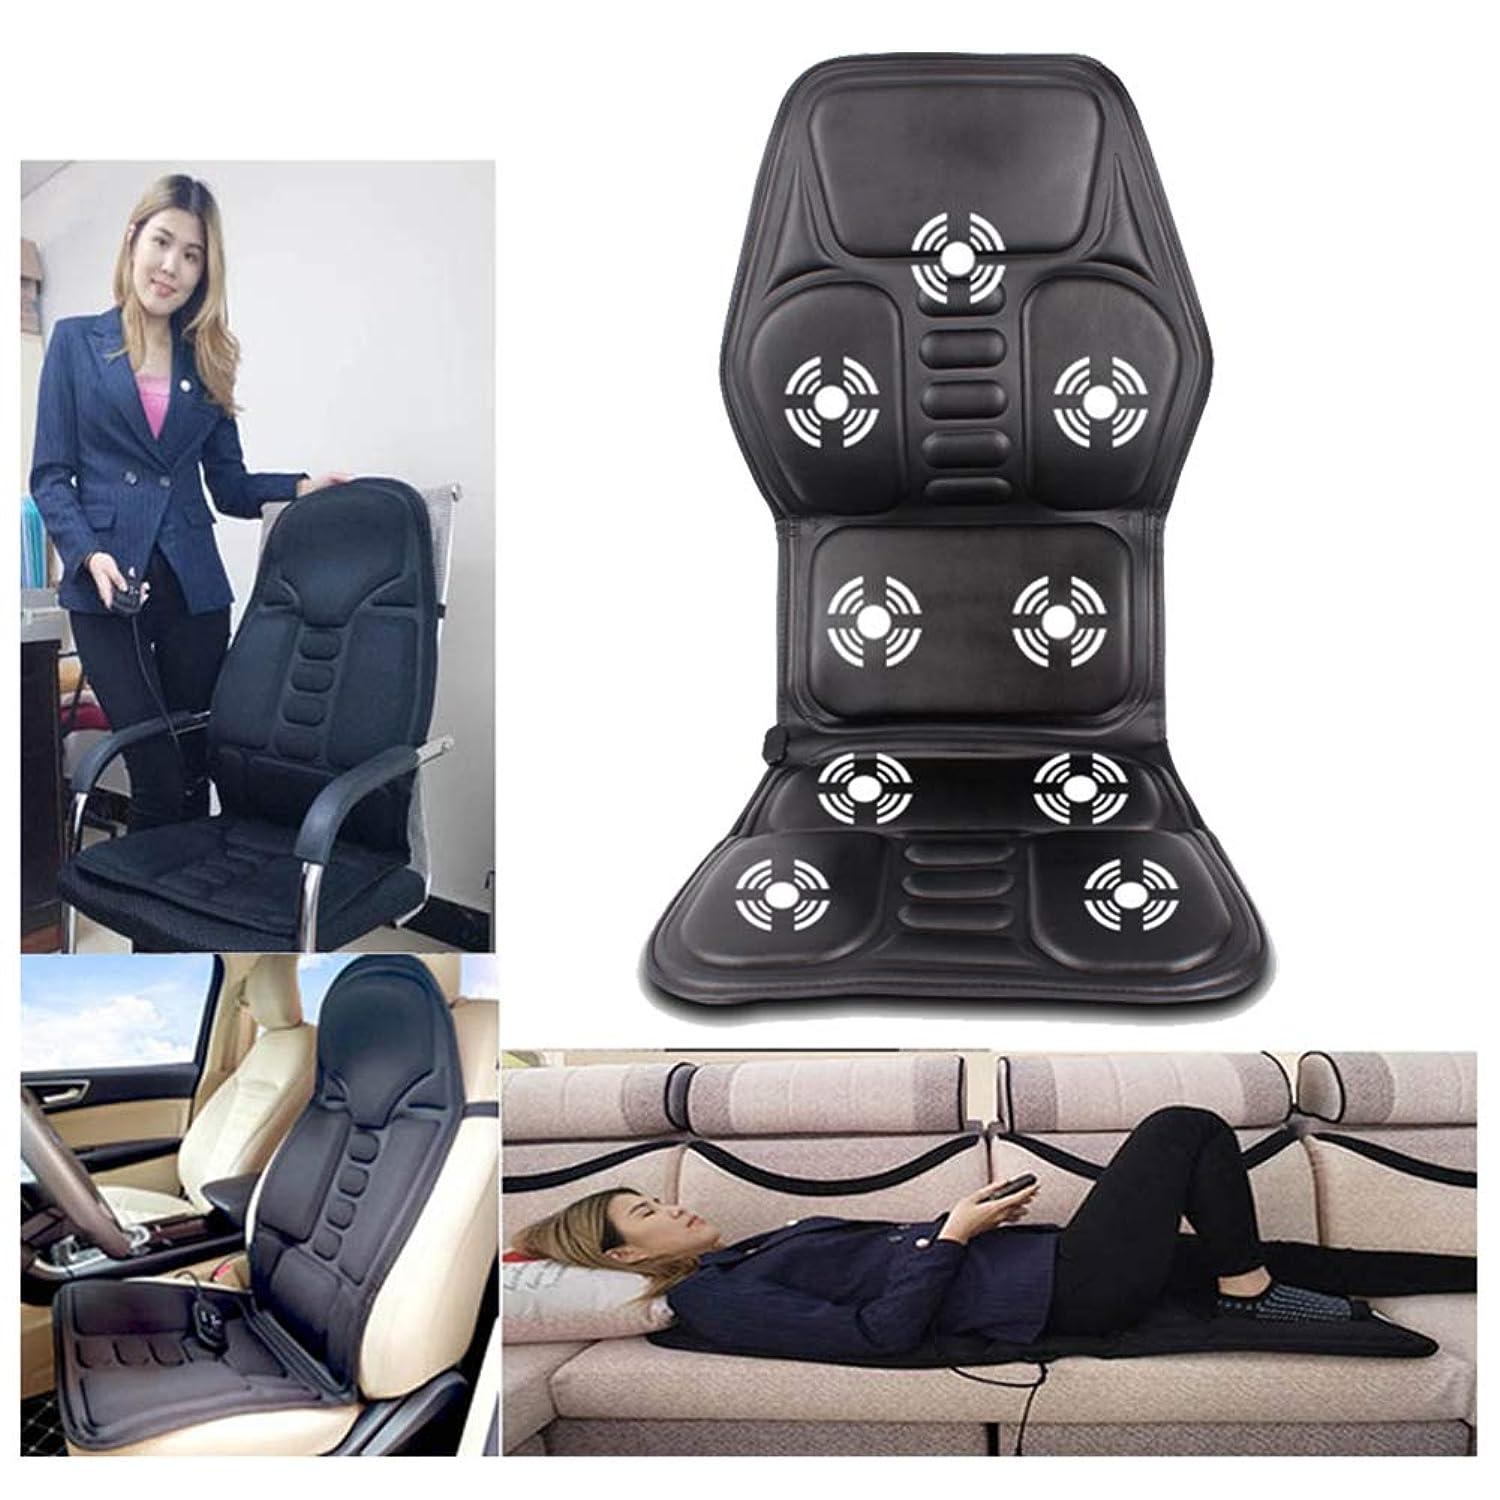 動員する無駄なケージ熱 生地、8つのモード、背中と腰の痛みを和らげるための調整可能な振動を備えたカーホーム振動マッサージシートクッション